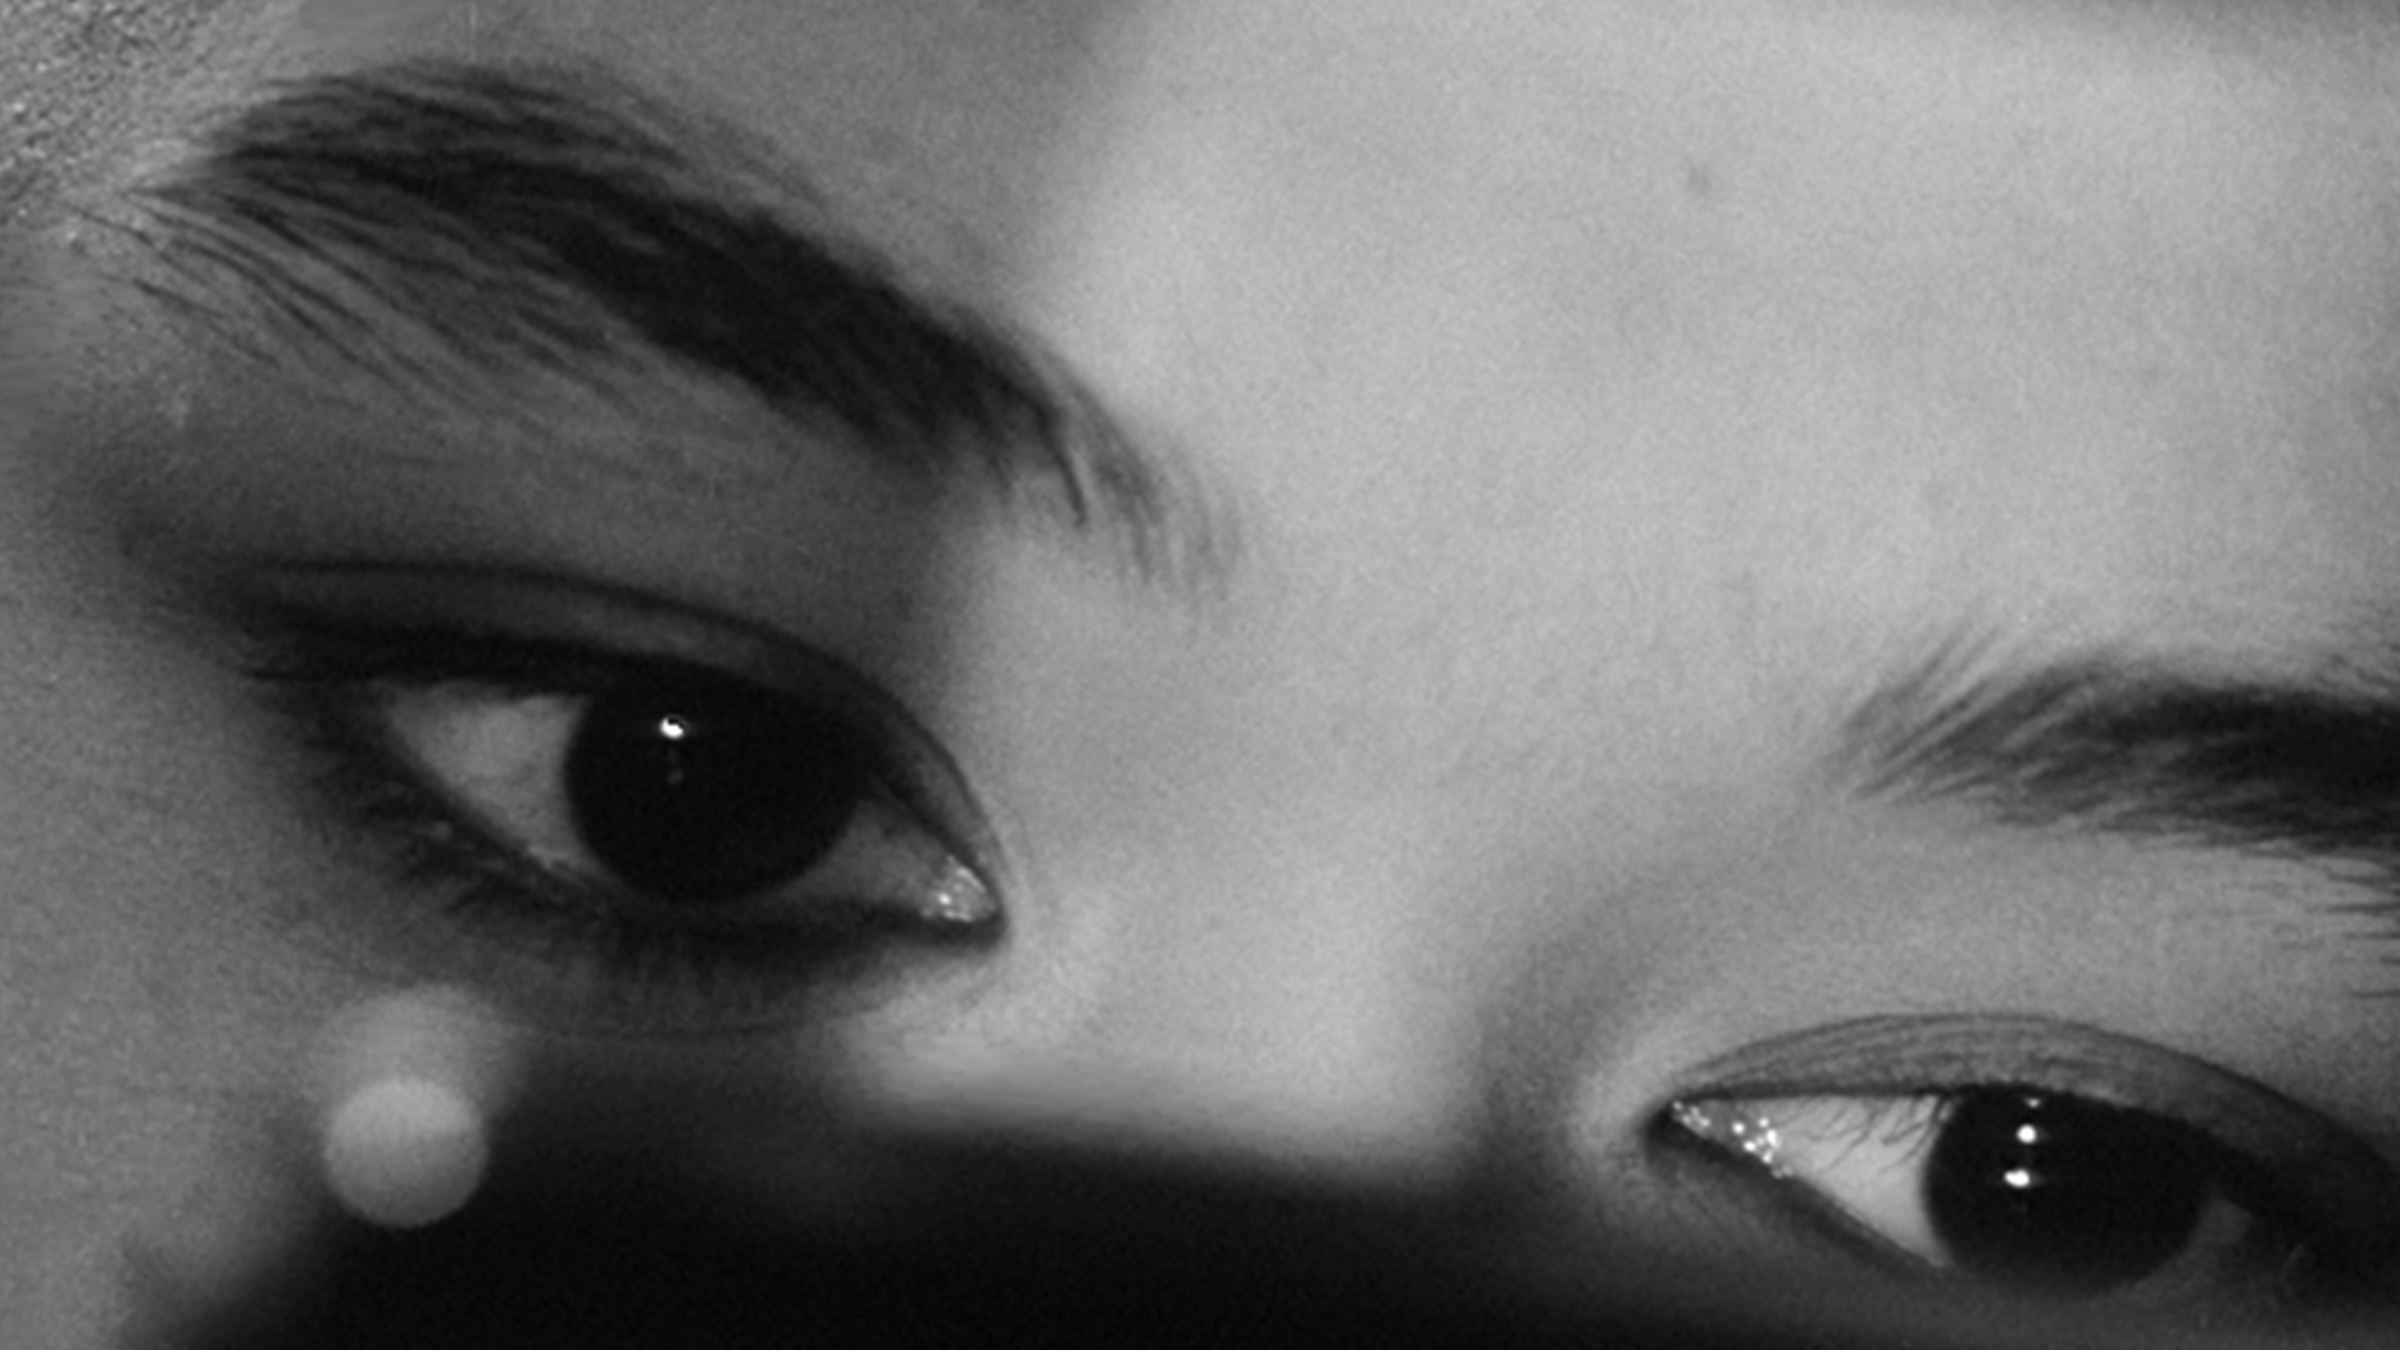 The Sequel to Her Dreams: Hiroshi Teshigahara and Kobo Abe's <em>Ako</em>